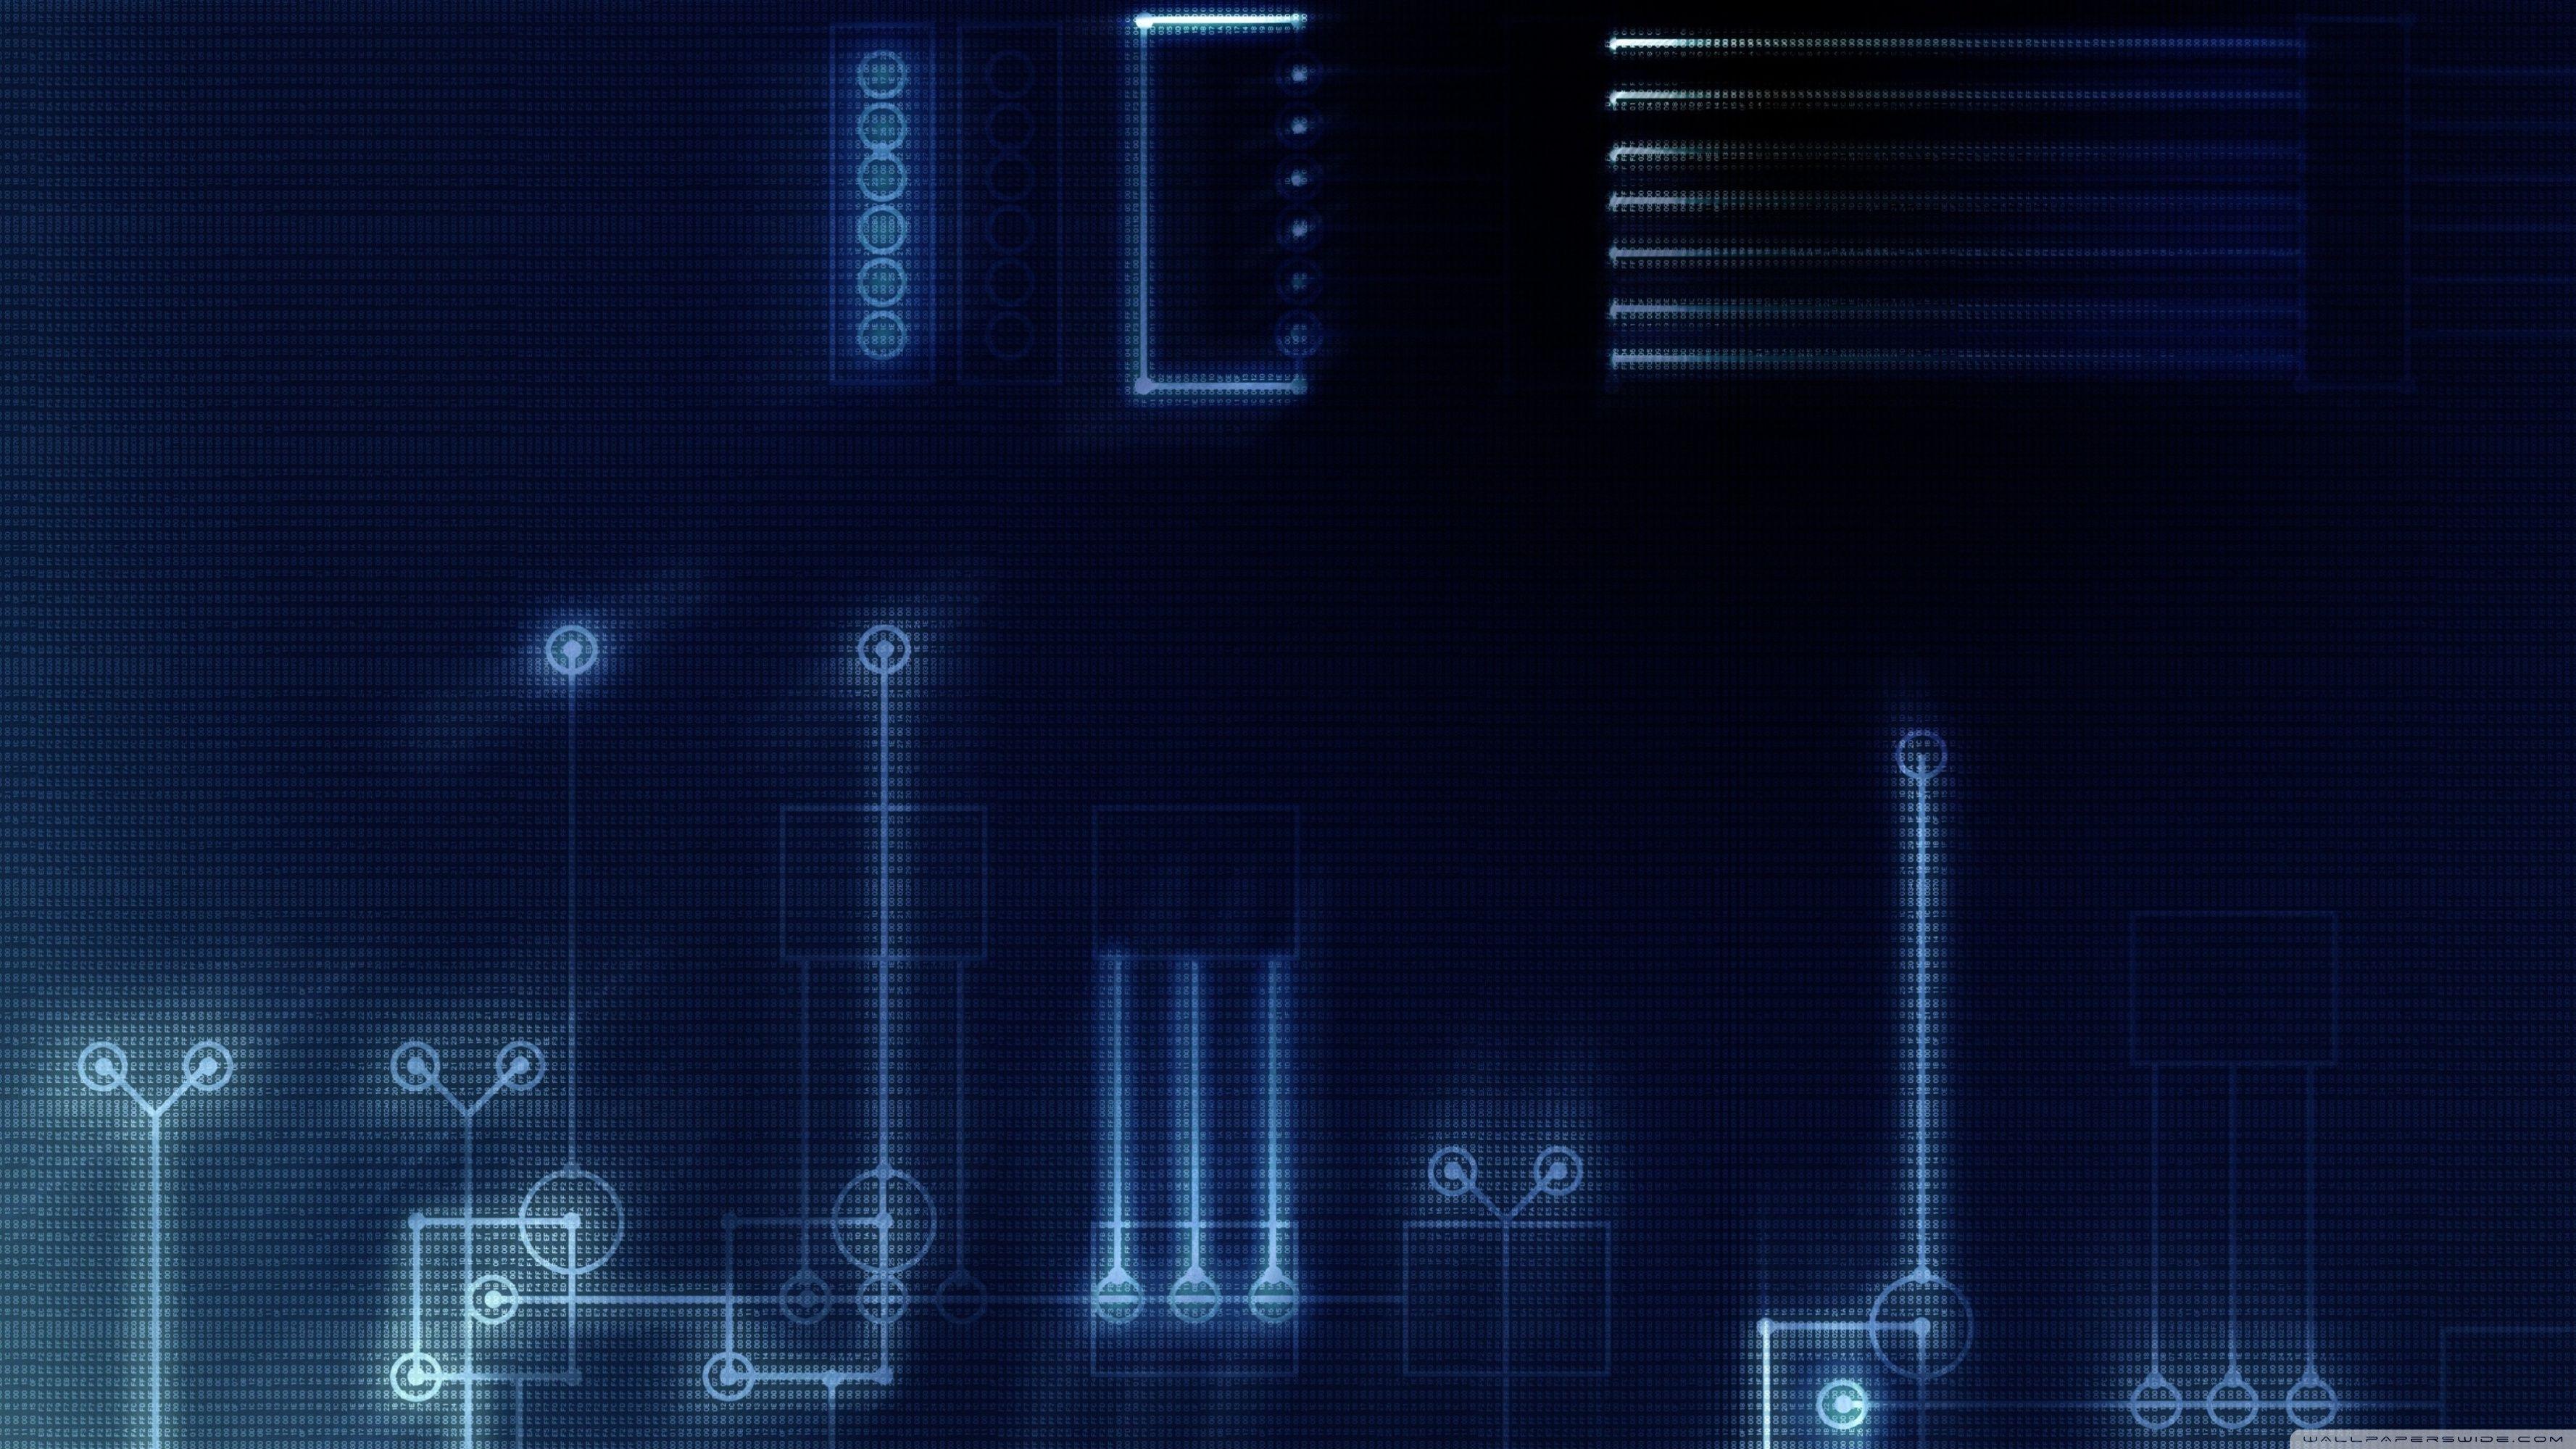 High Tech 4k Wallpapers Top Free High Tech 4k Backgrounds